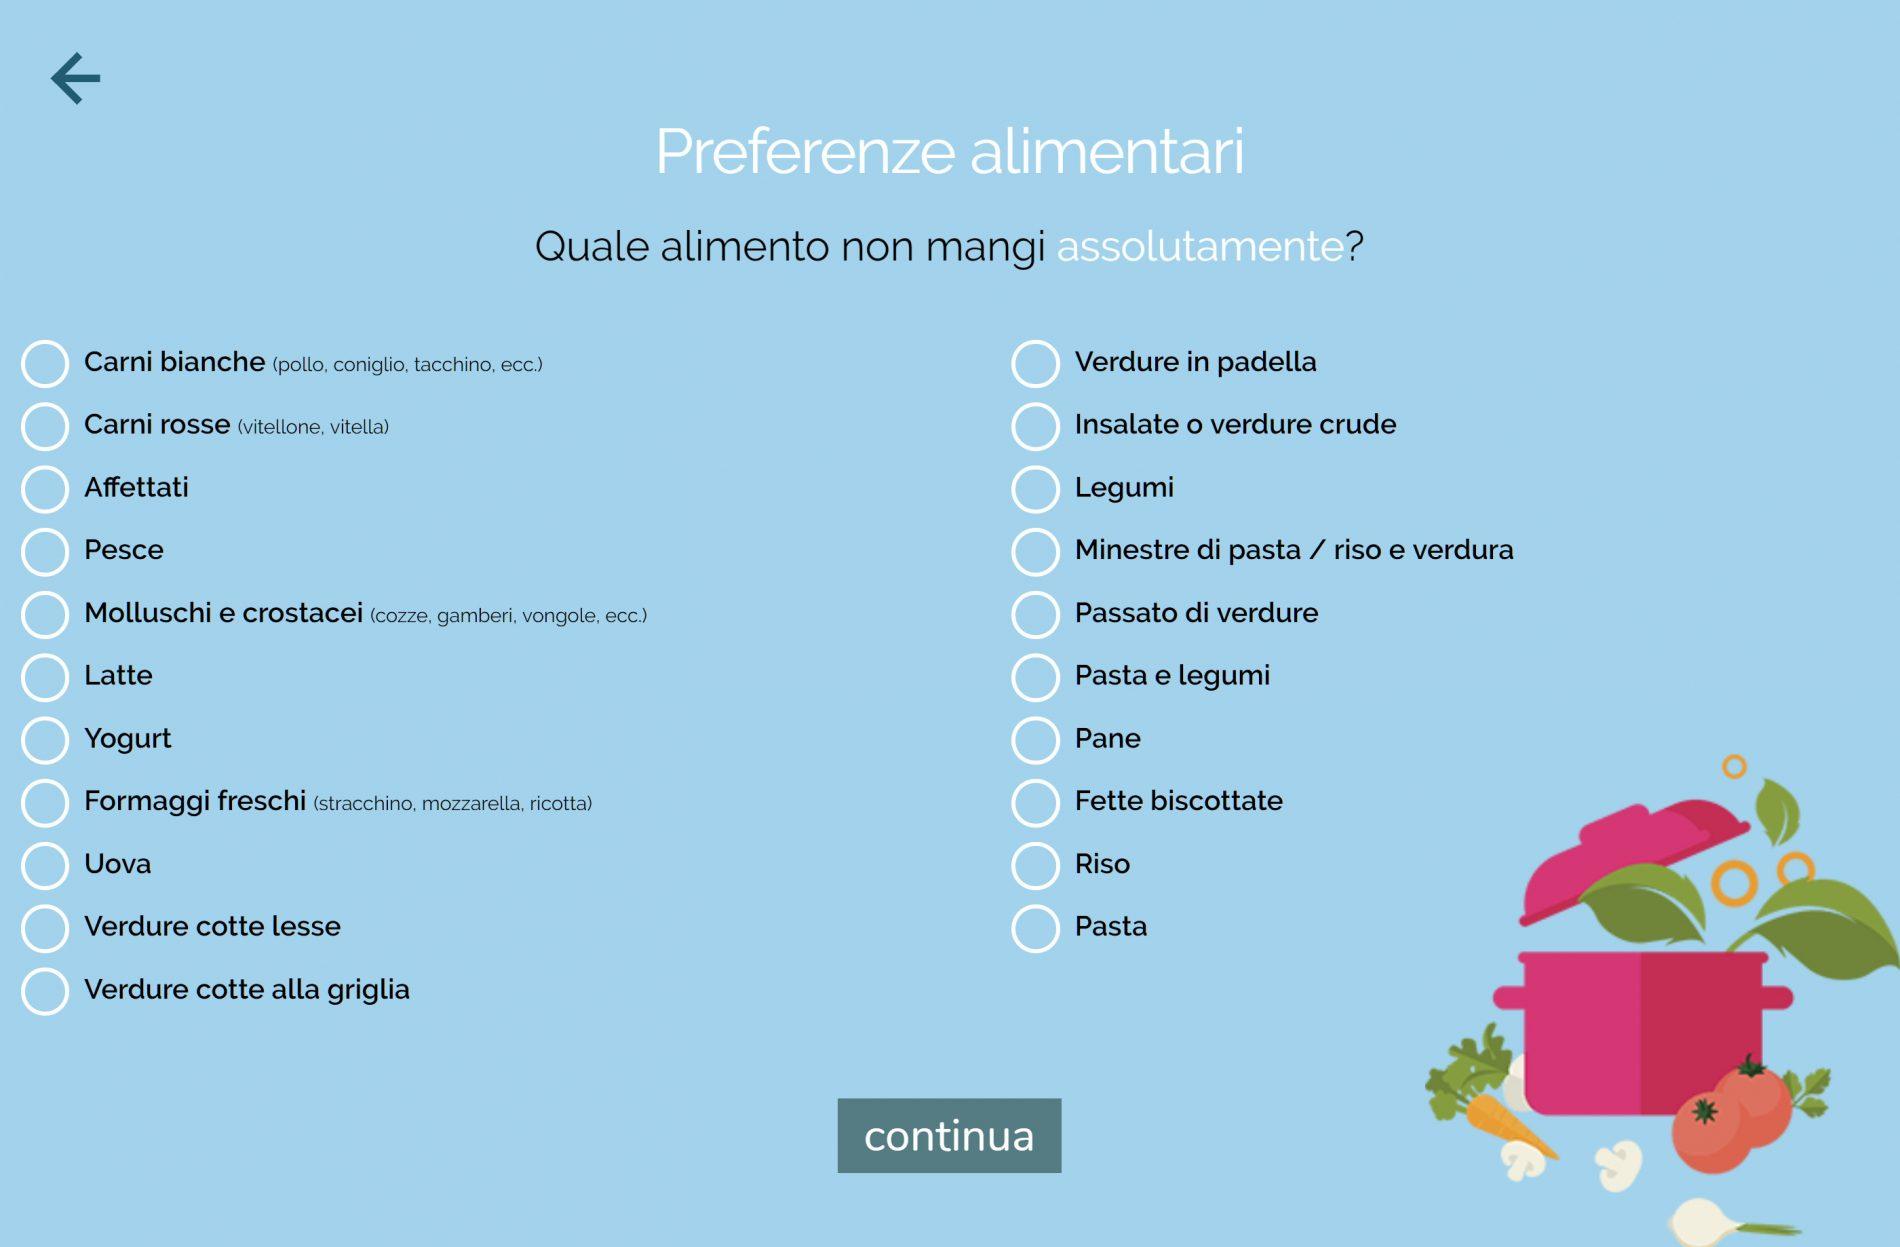 dieta melarossa iscrizione: preferenze alimentari